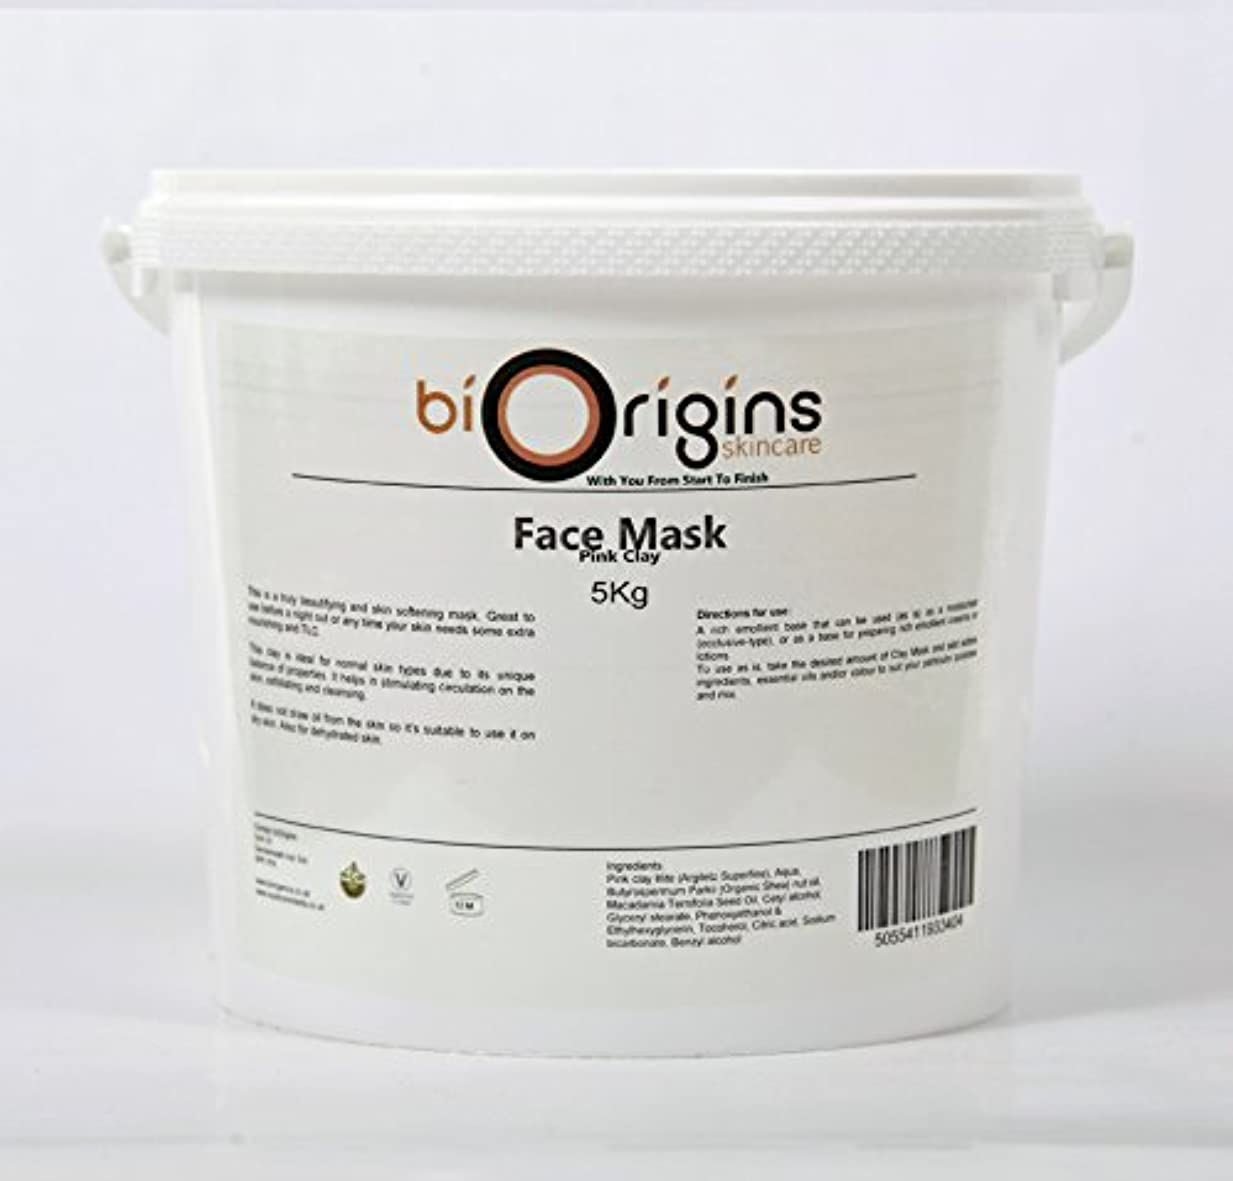 ノーブル艦隊面積Face Mask - Pink Clay - Botanical Skincare Base - 5Kg